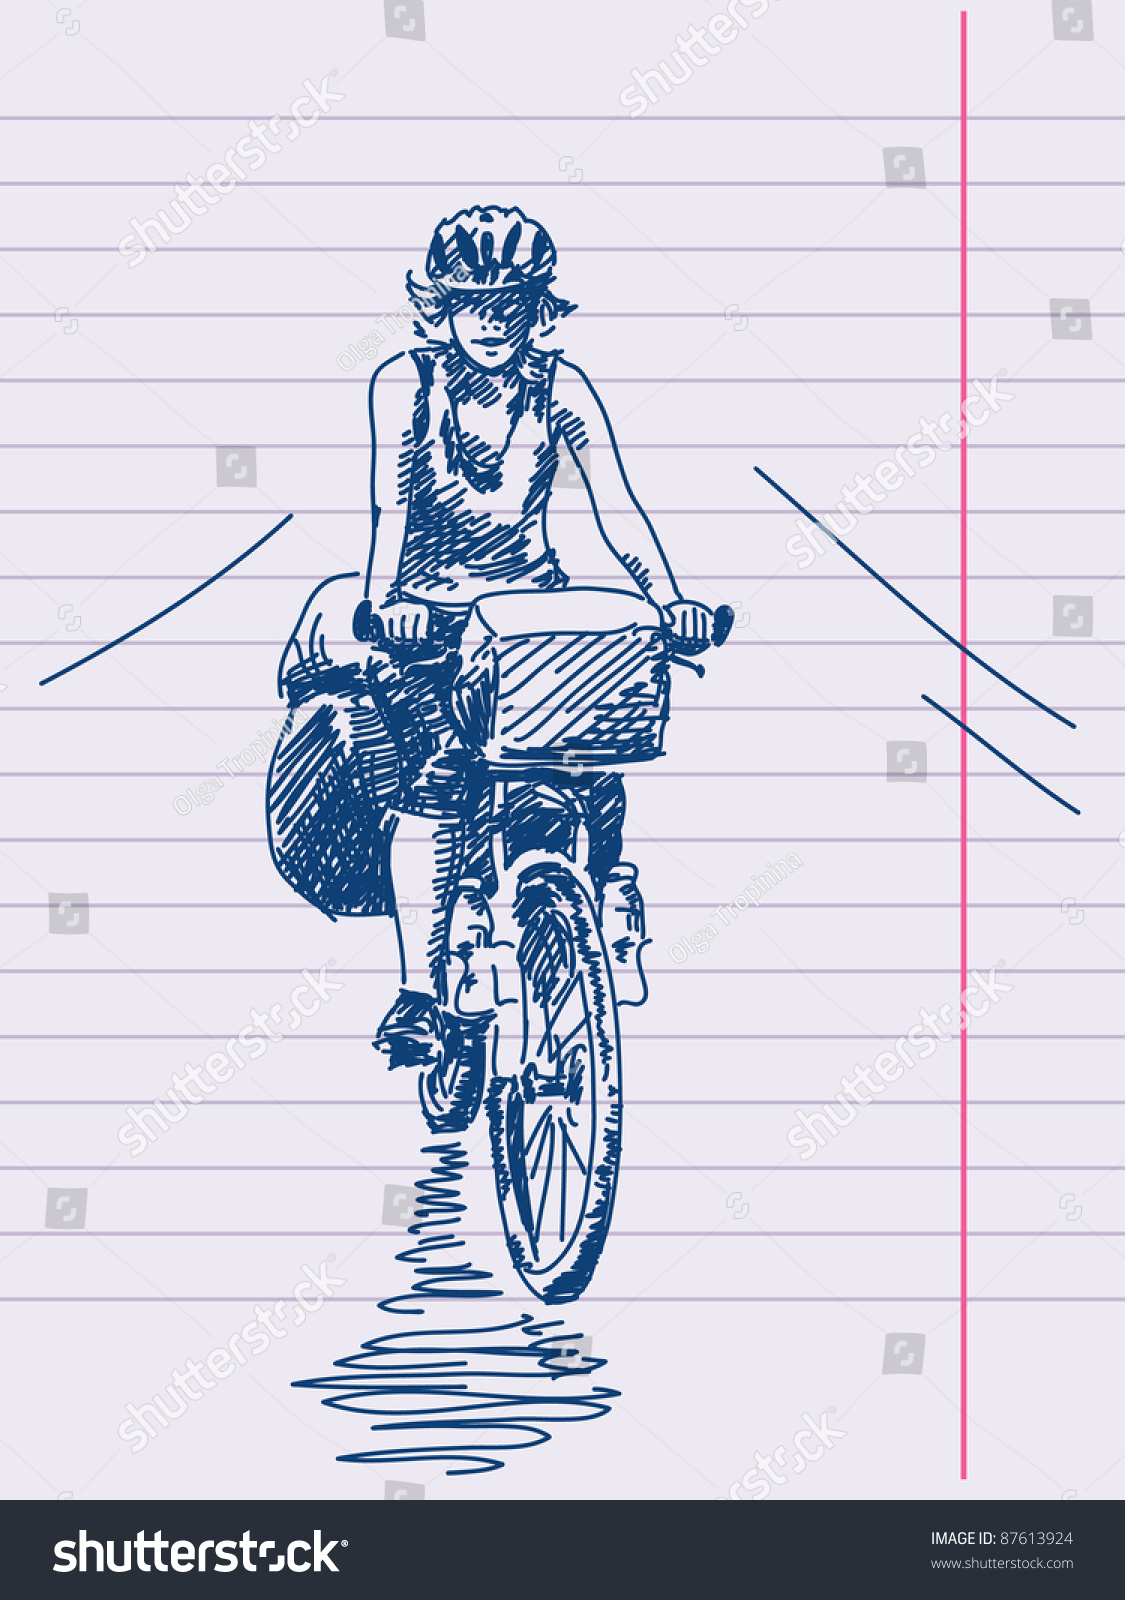 手绘的女孩骑自行车的载体-运动/娱乐活动